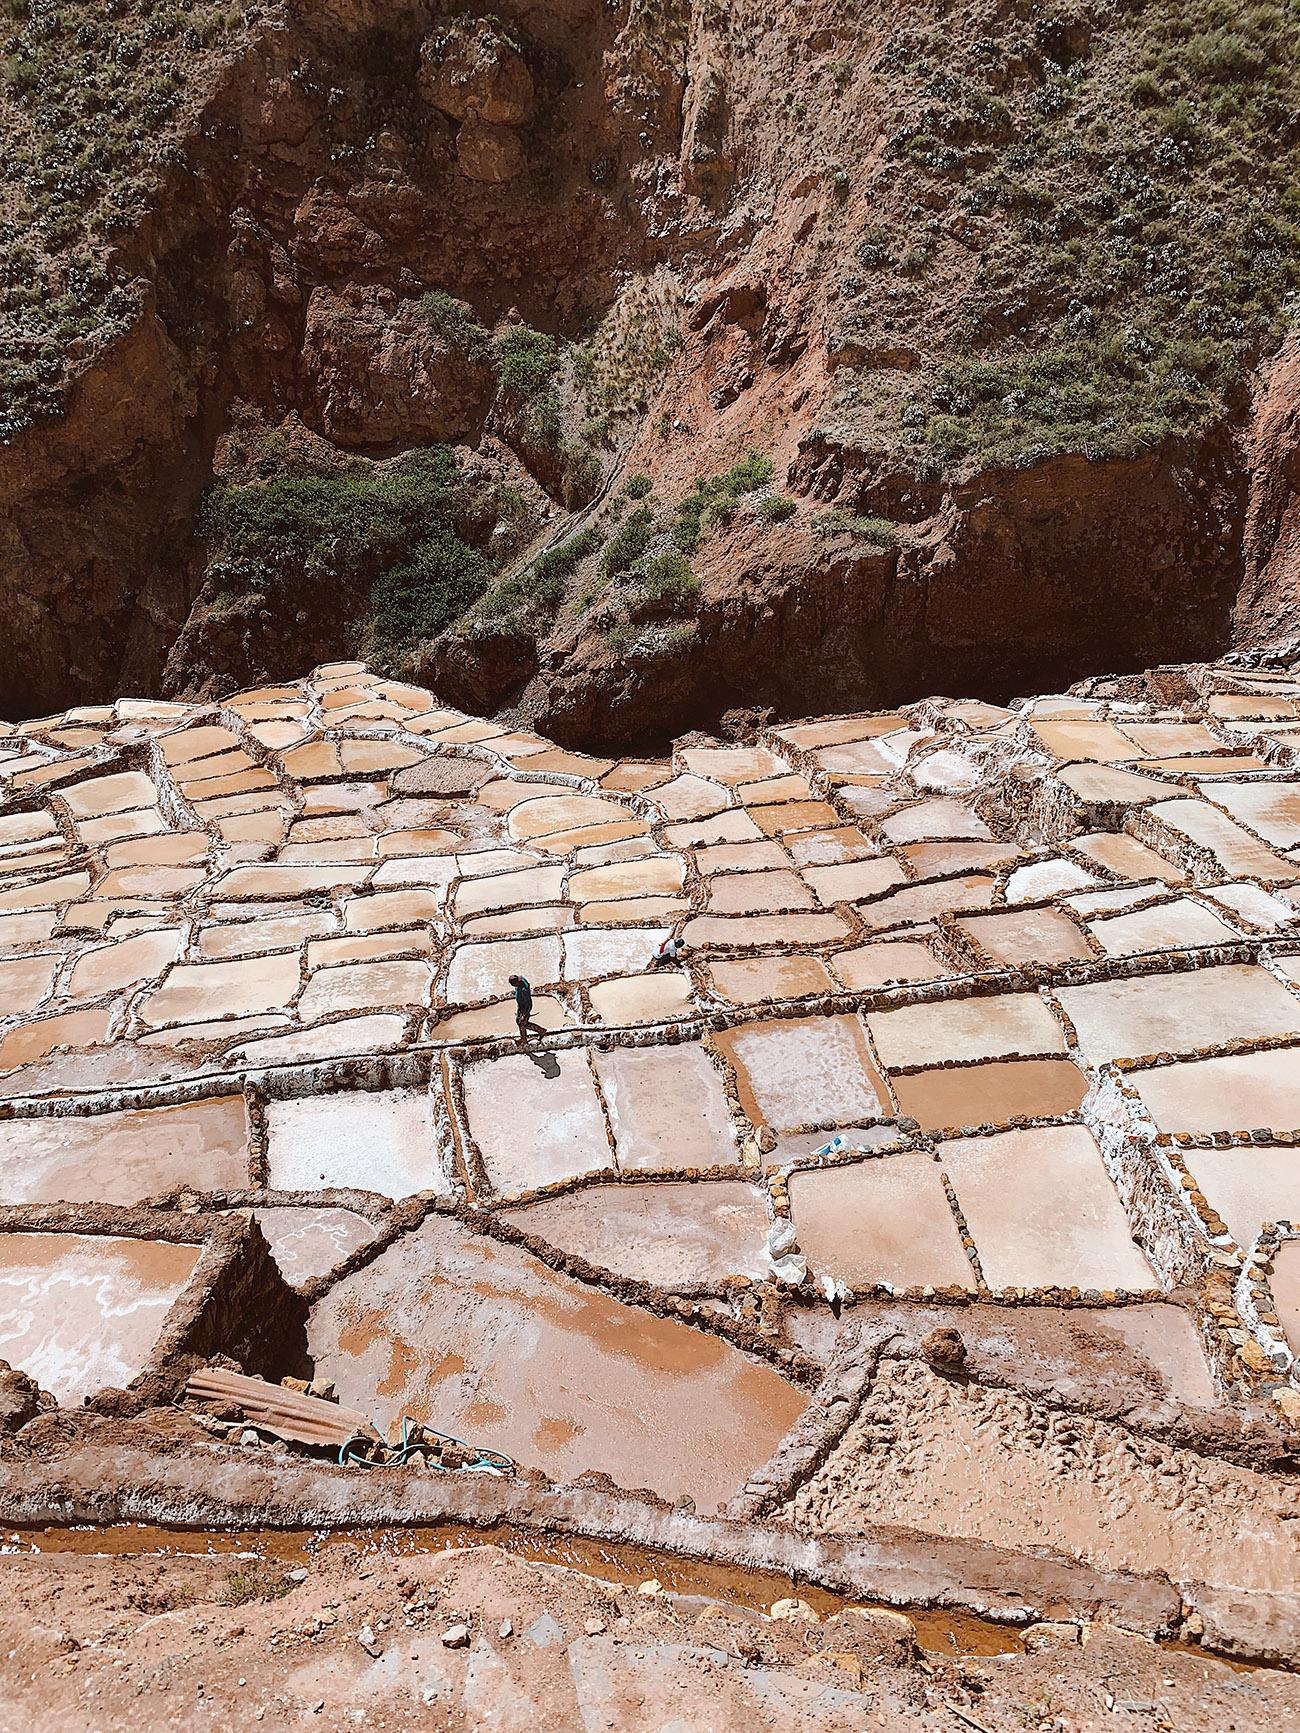 Maras Salt Mines in Peru